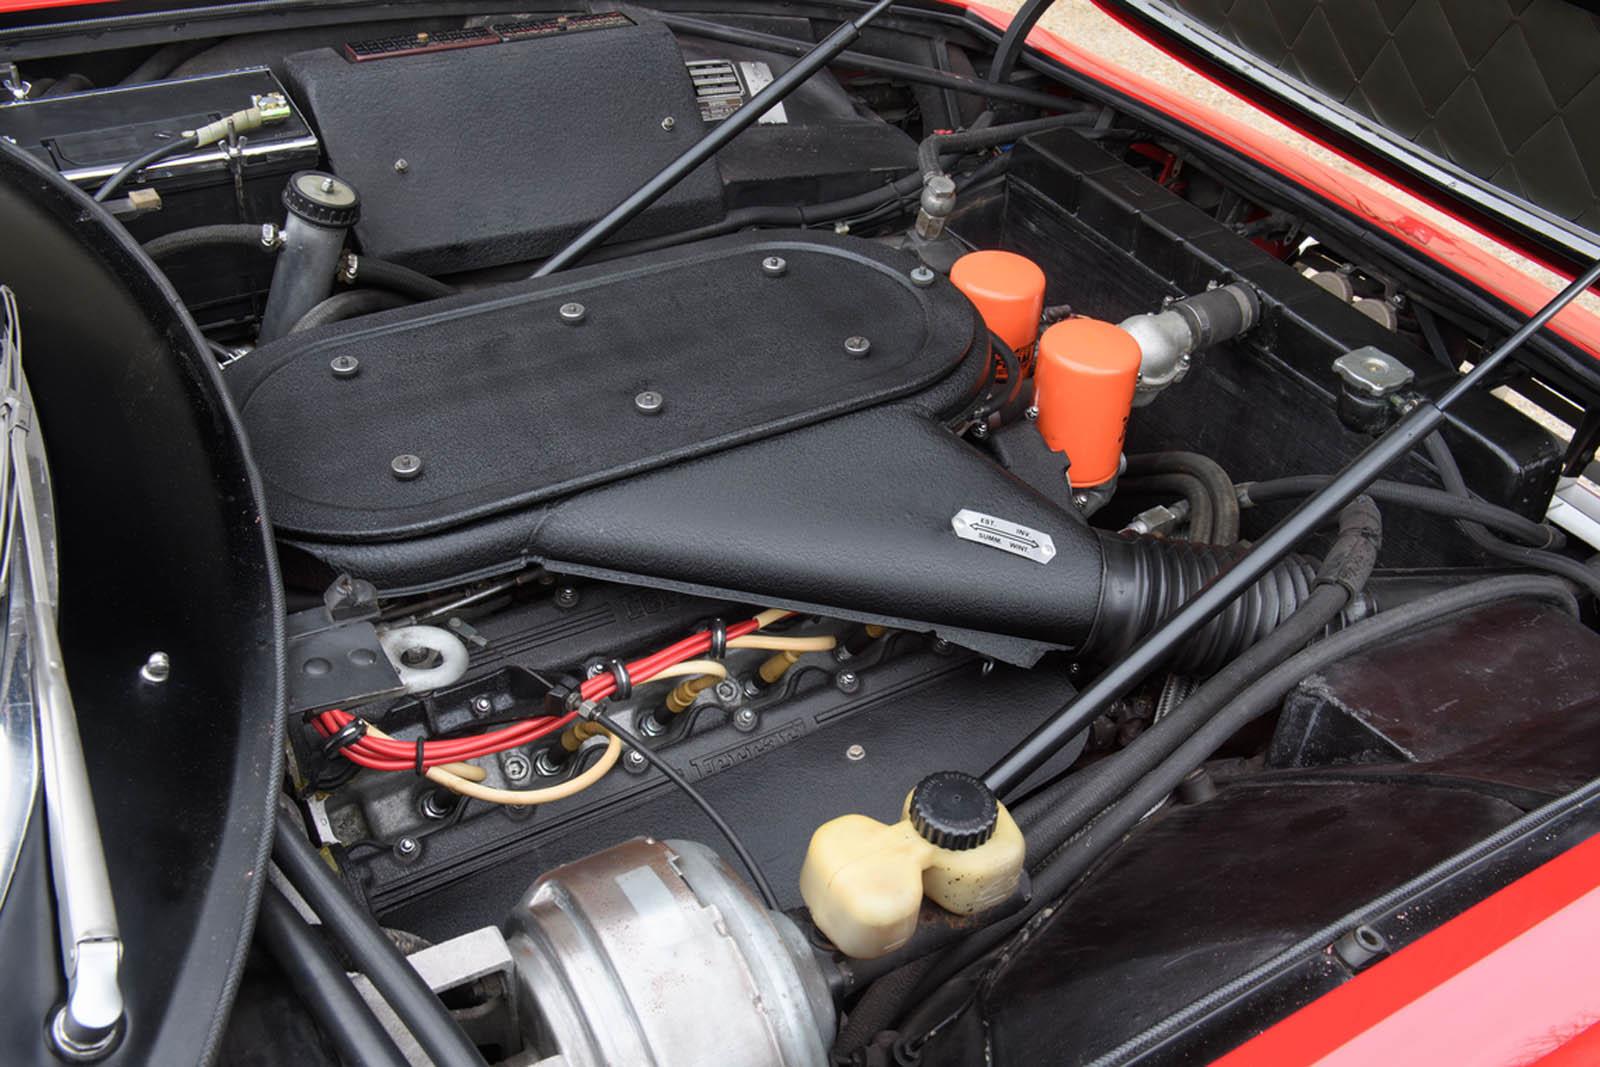 Ferrari-365-GTB4-Daytona-ex-Elton-John-15